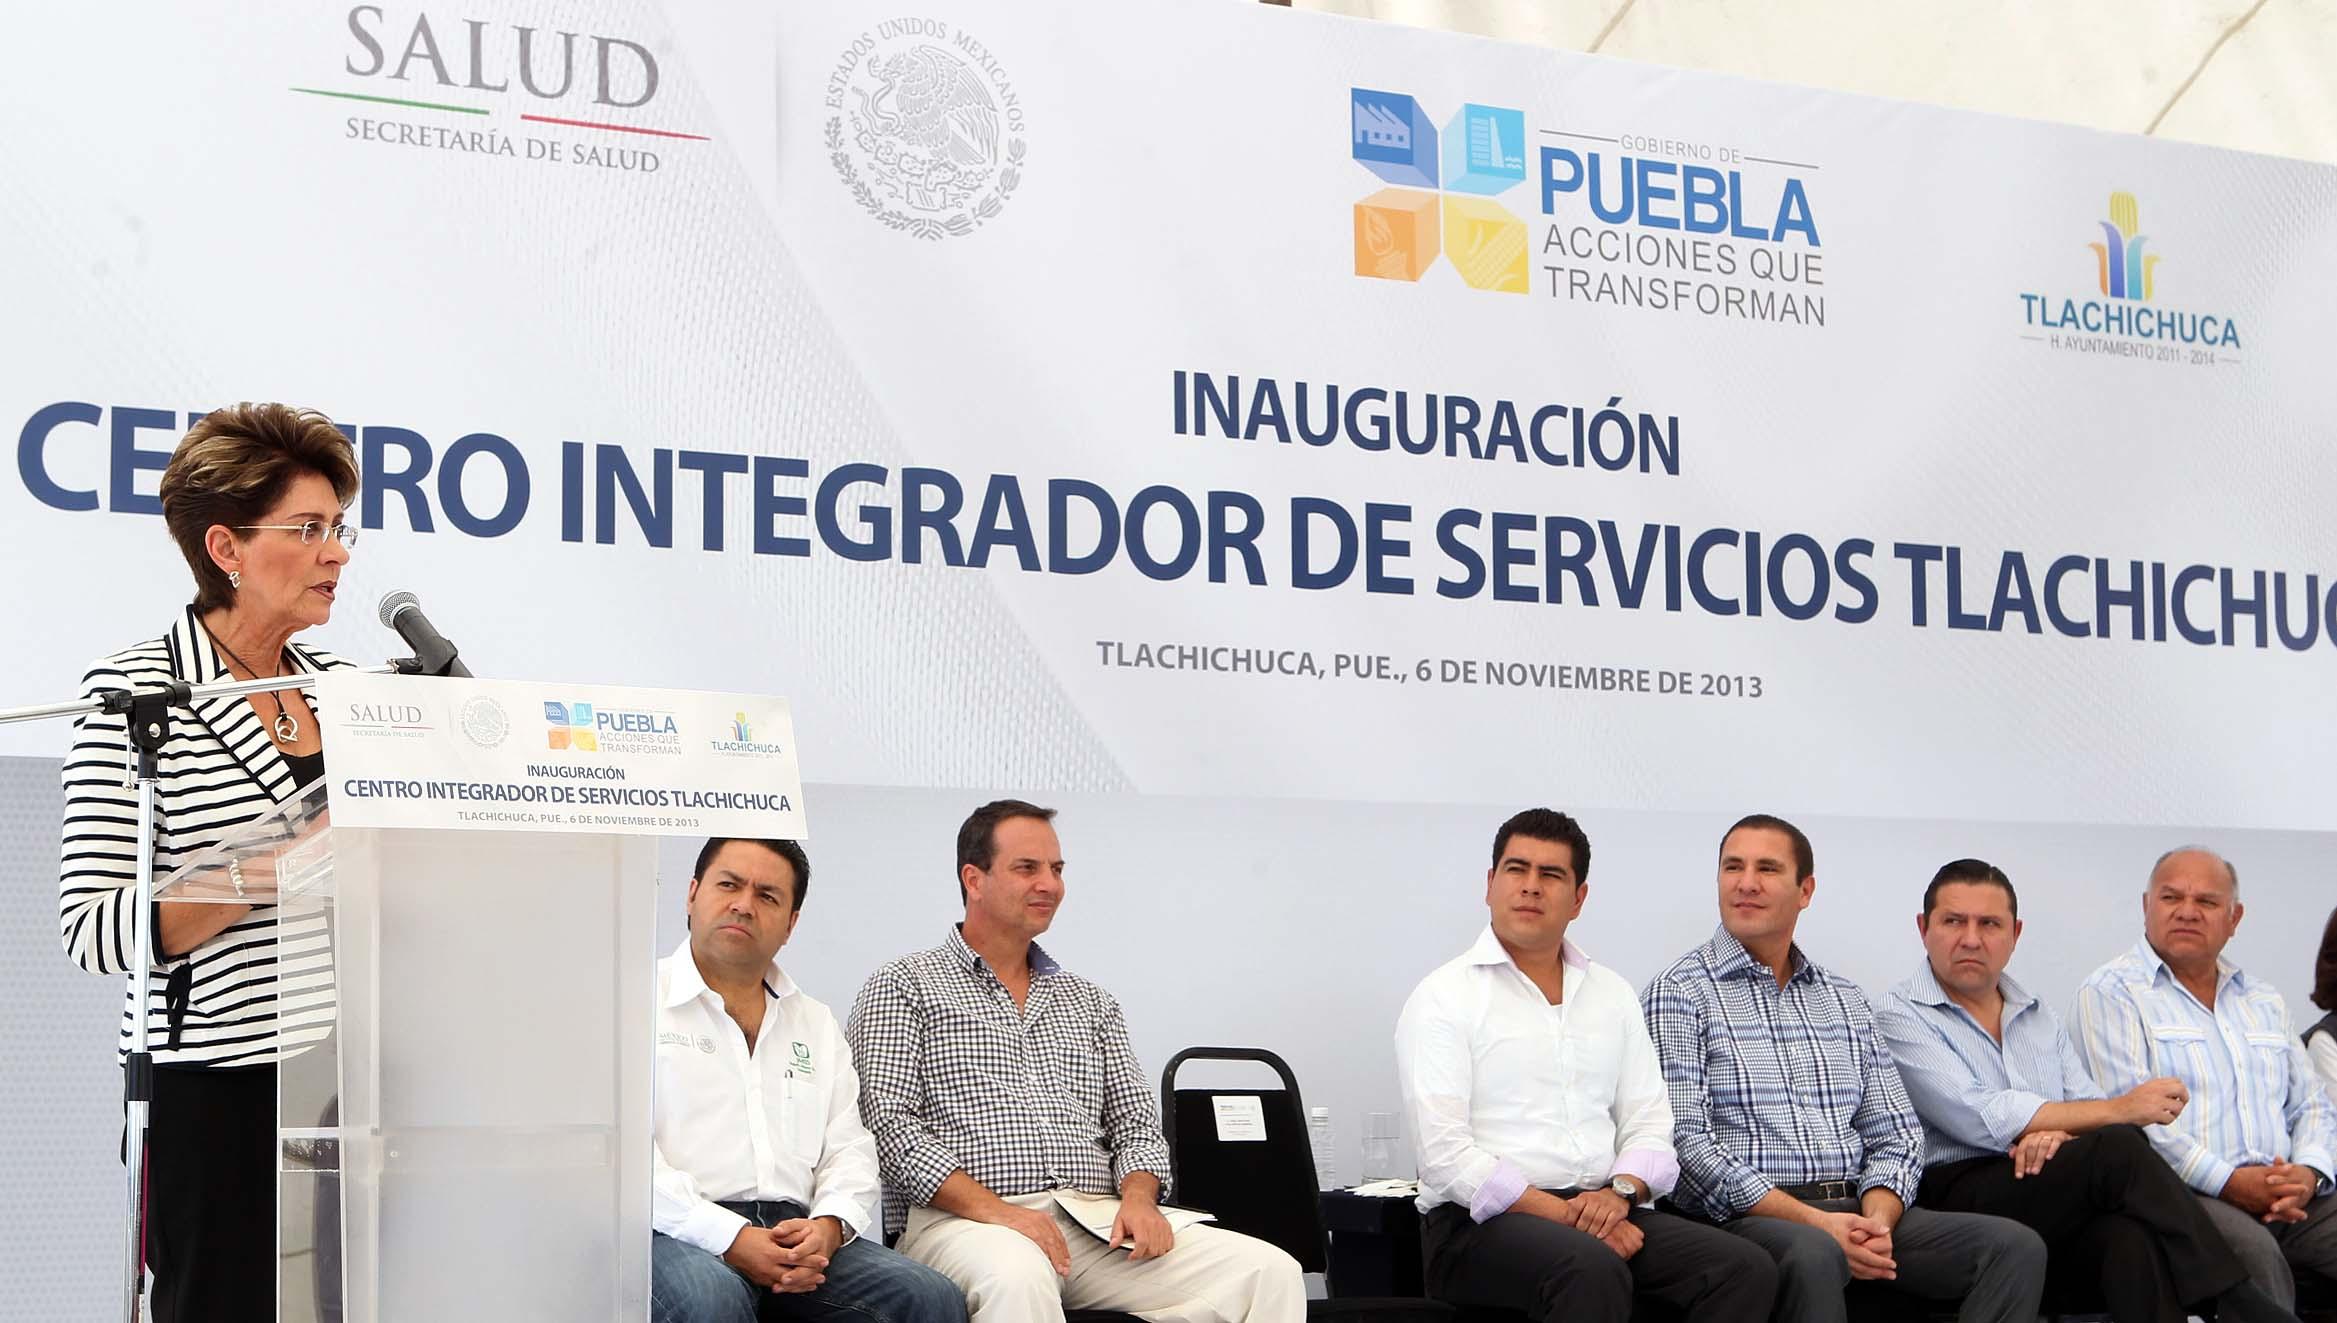 Centro Integrador de Servicios  Tlachichuca